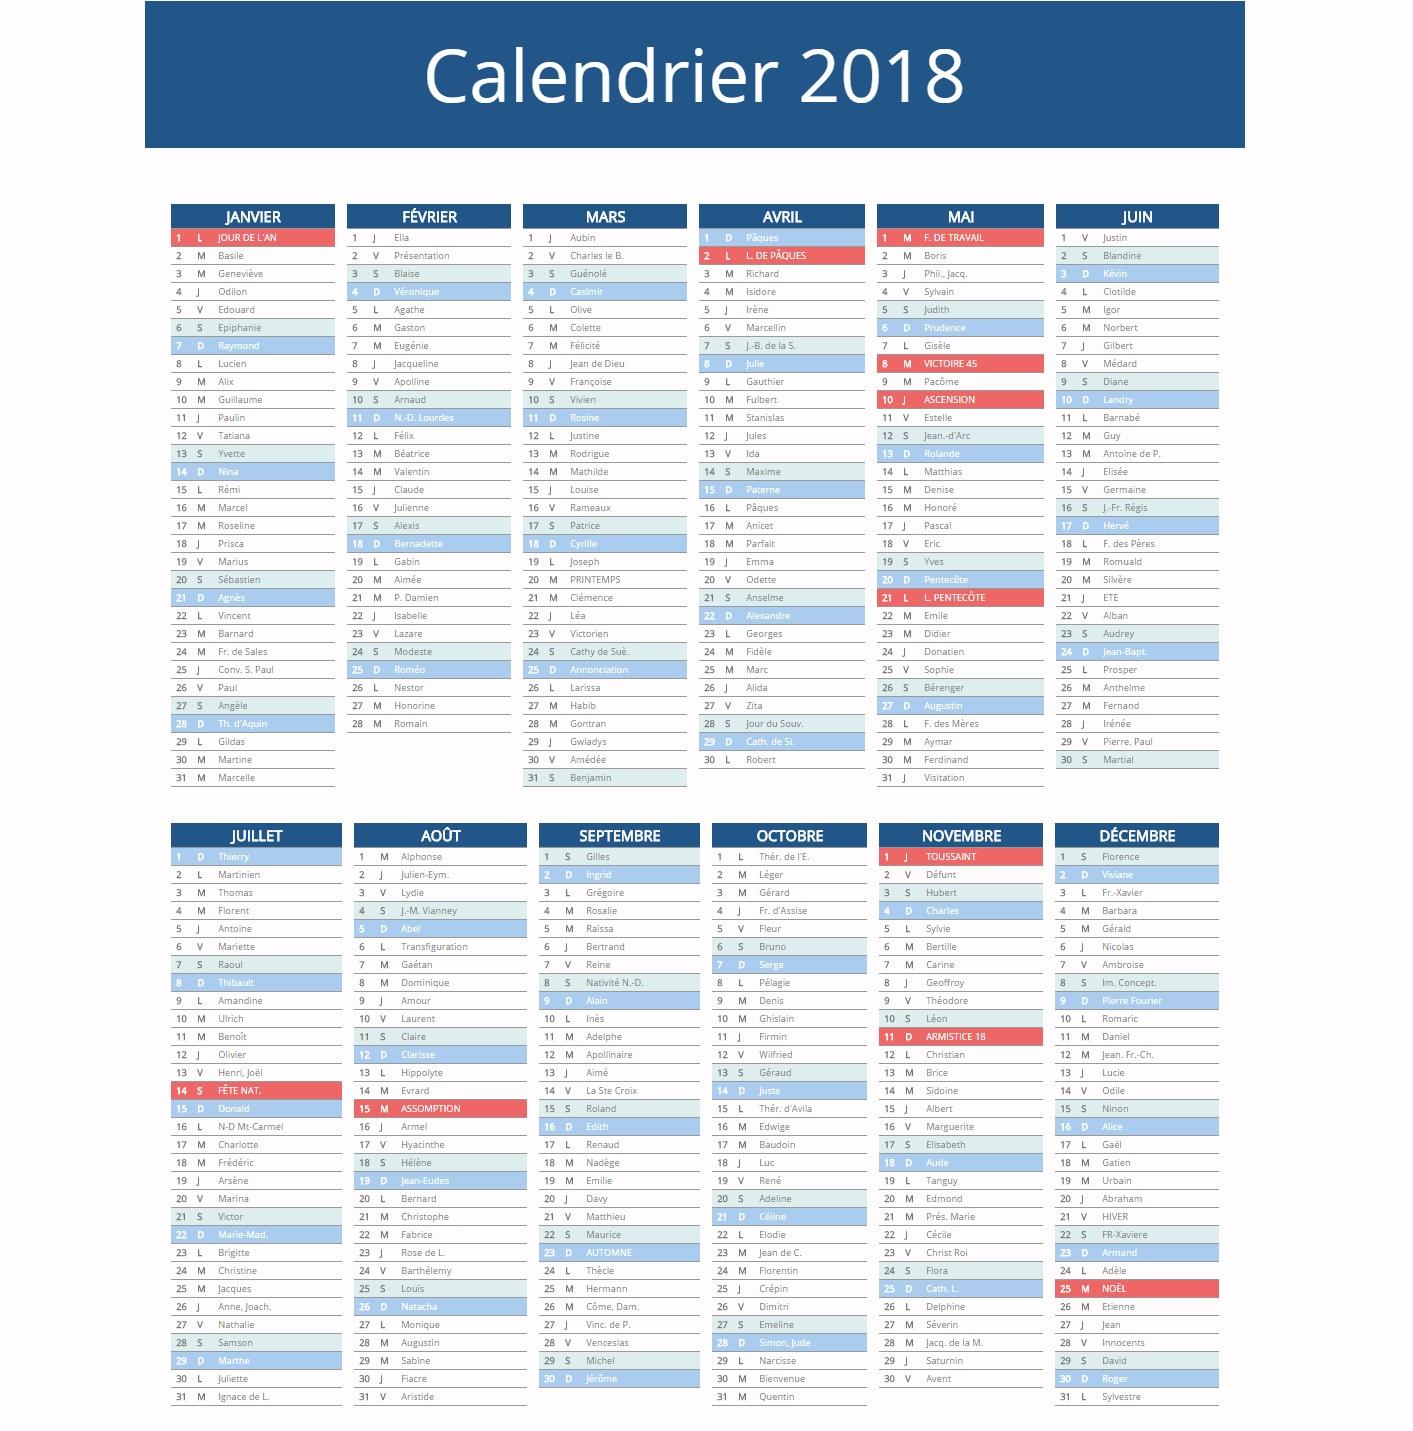 Calendrier 2018 ↠○ Vacances Scolaires & Jours Fériés 2018 tout Calendrier 2Ème Semestre 2018